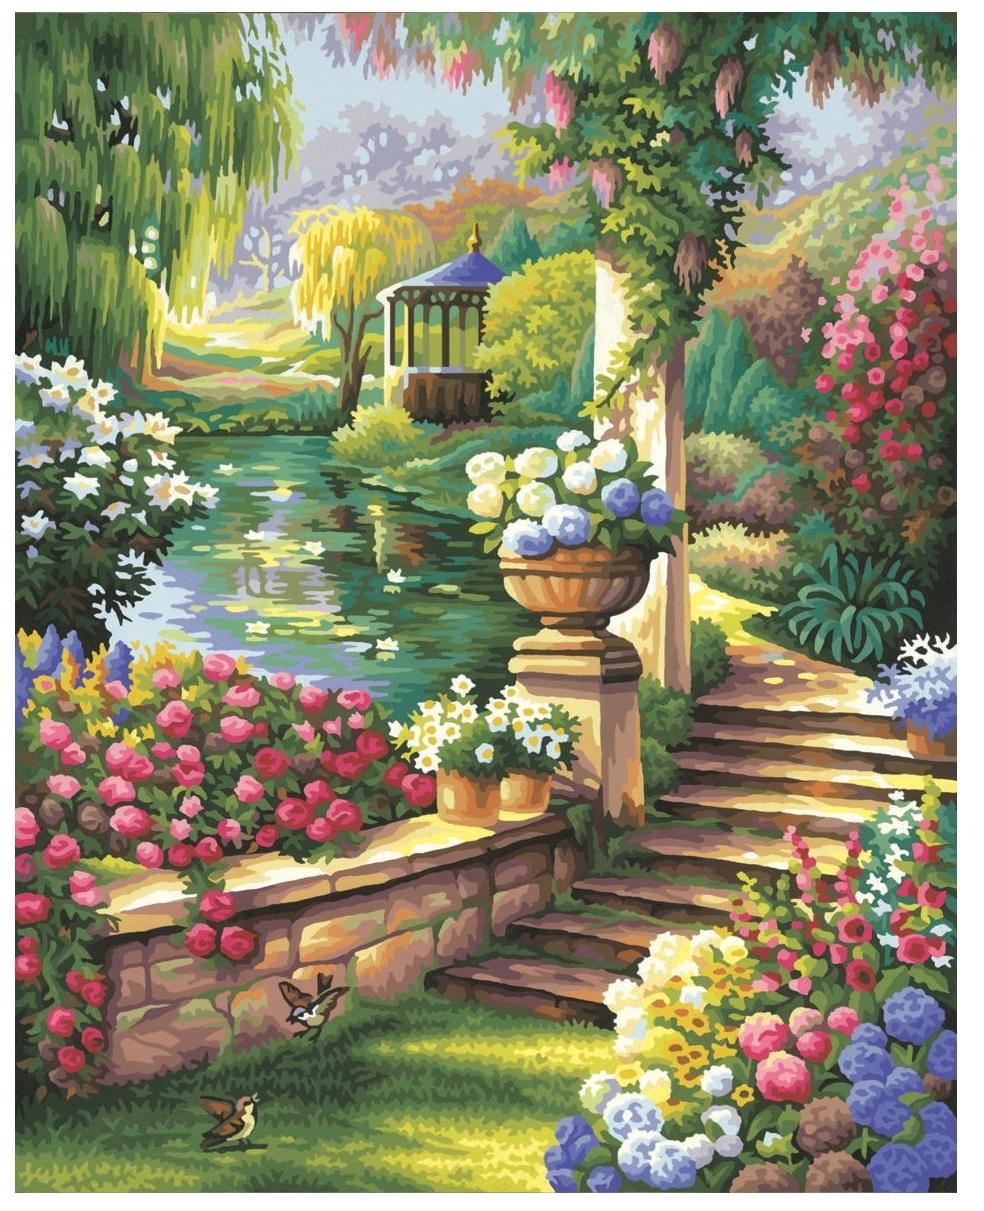 Раскраска по номерам - Райский сад, 40 х 50 смРаскраски по номерам Schipper<br>Раскраска по номерам Райский сад<br> Размер готовой работы: 40 х 50 см.<br> В состав набора входят: высококачественные акриловые краски, картон с н...<br>